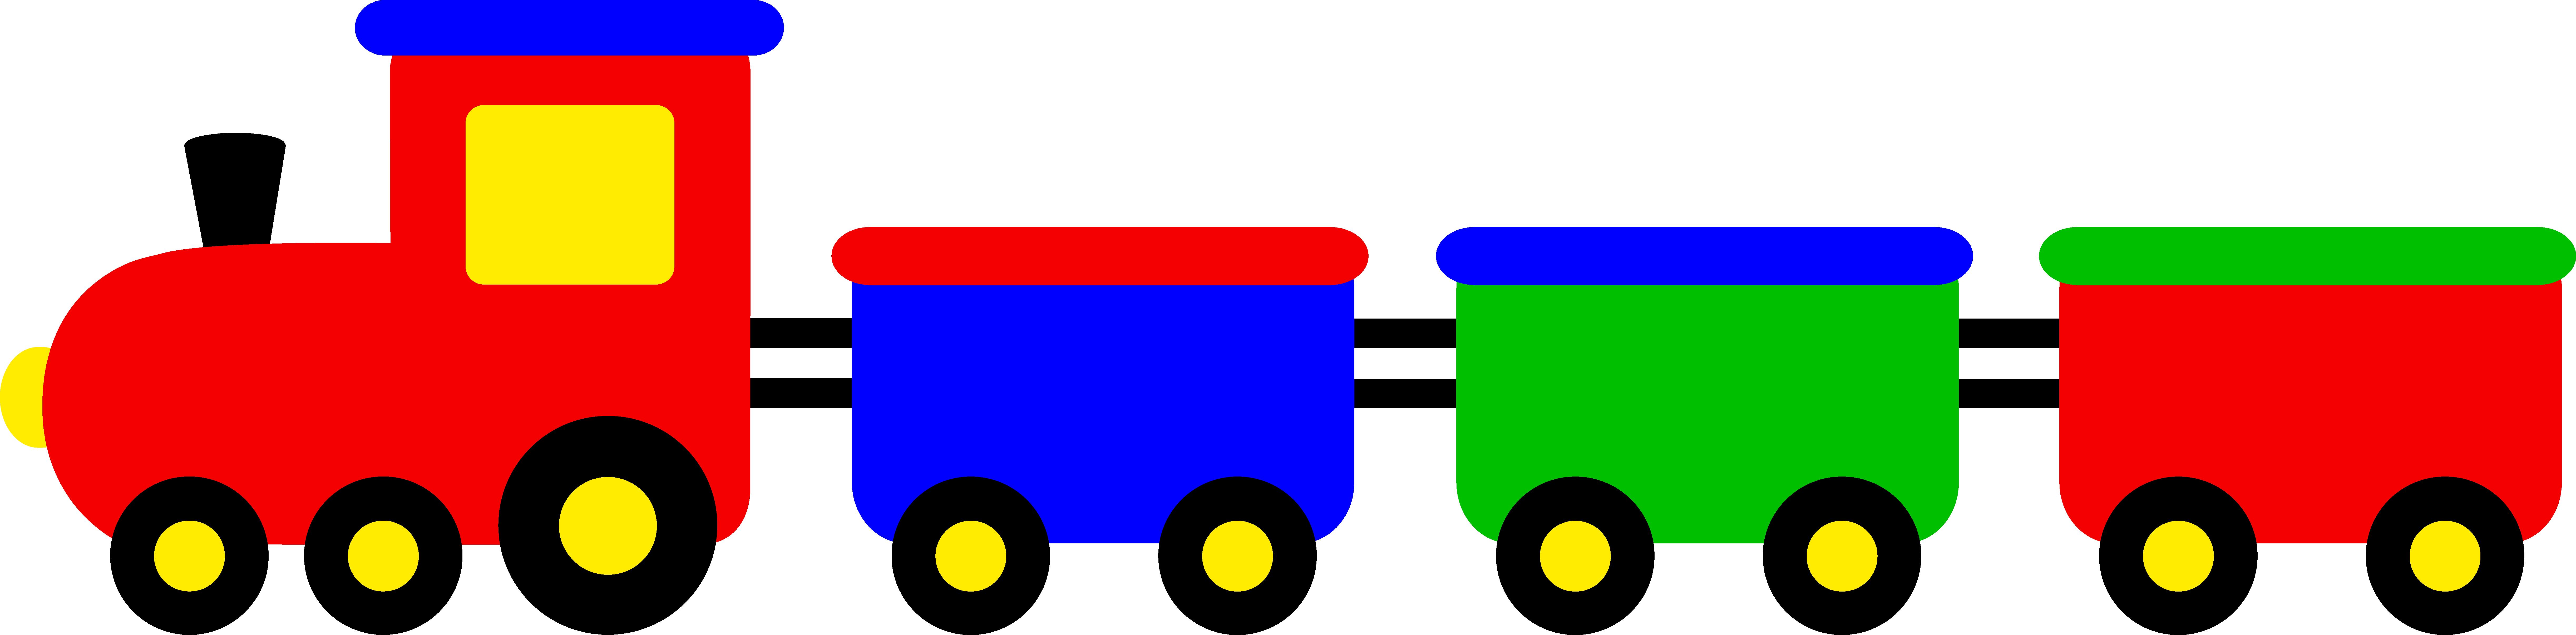 clipart train-clipart train-7